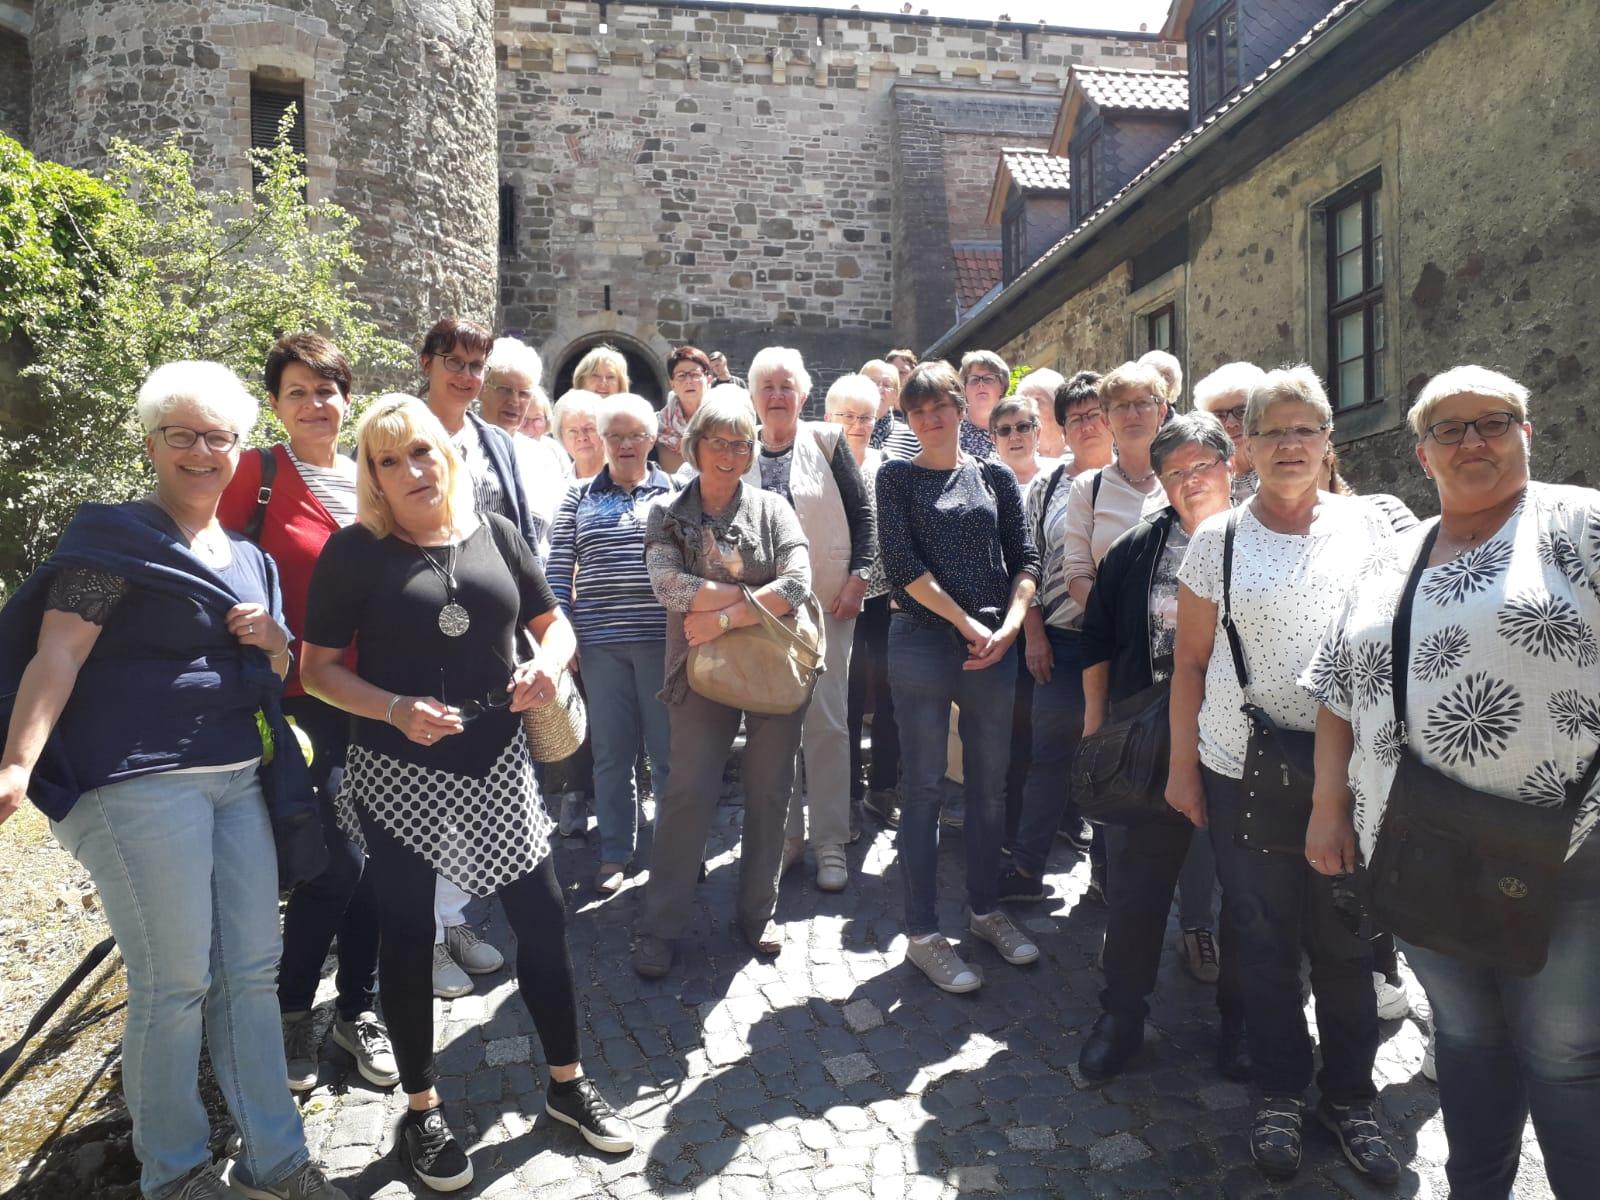 Tagesfahrt in den Ostharz 2019 - Katholischer Frauenbund Bilshasuen